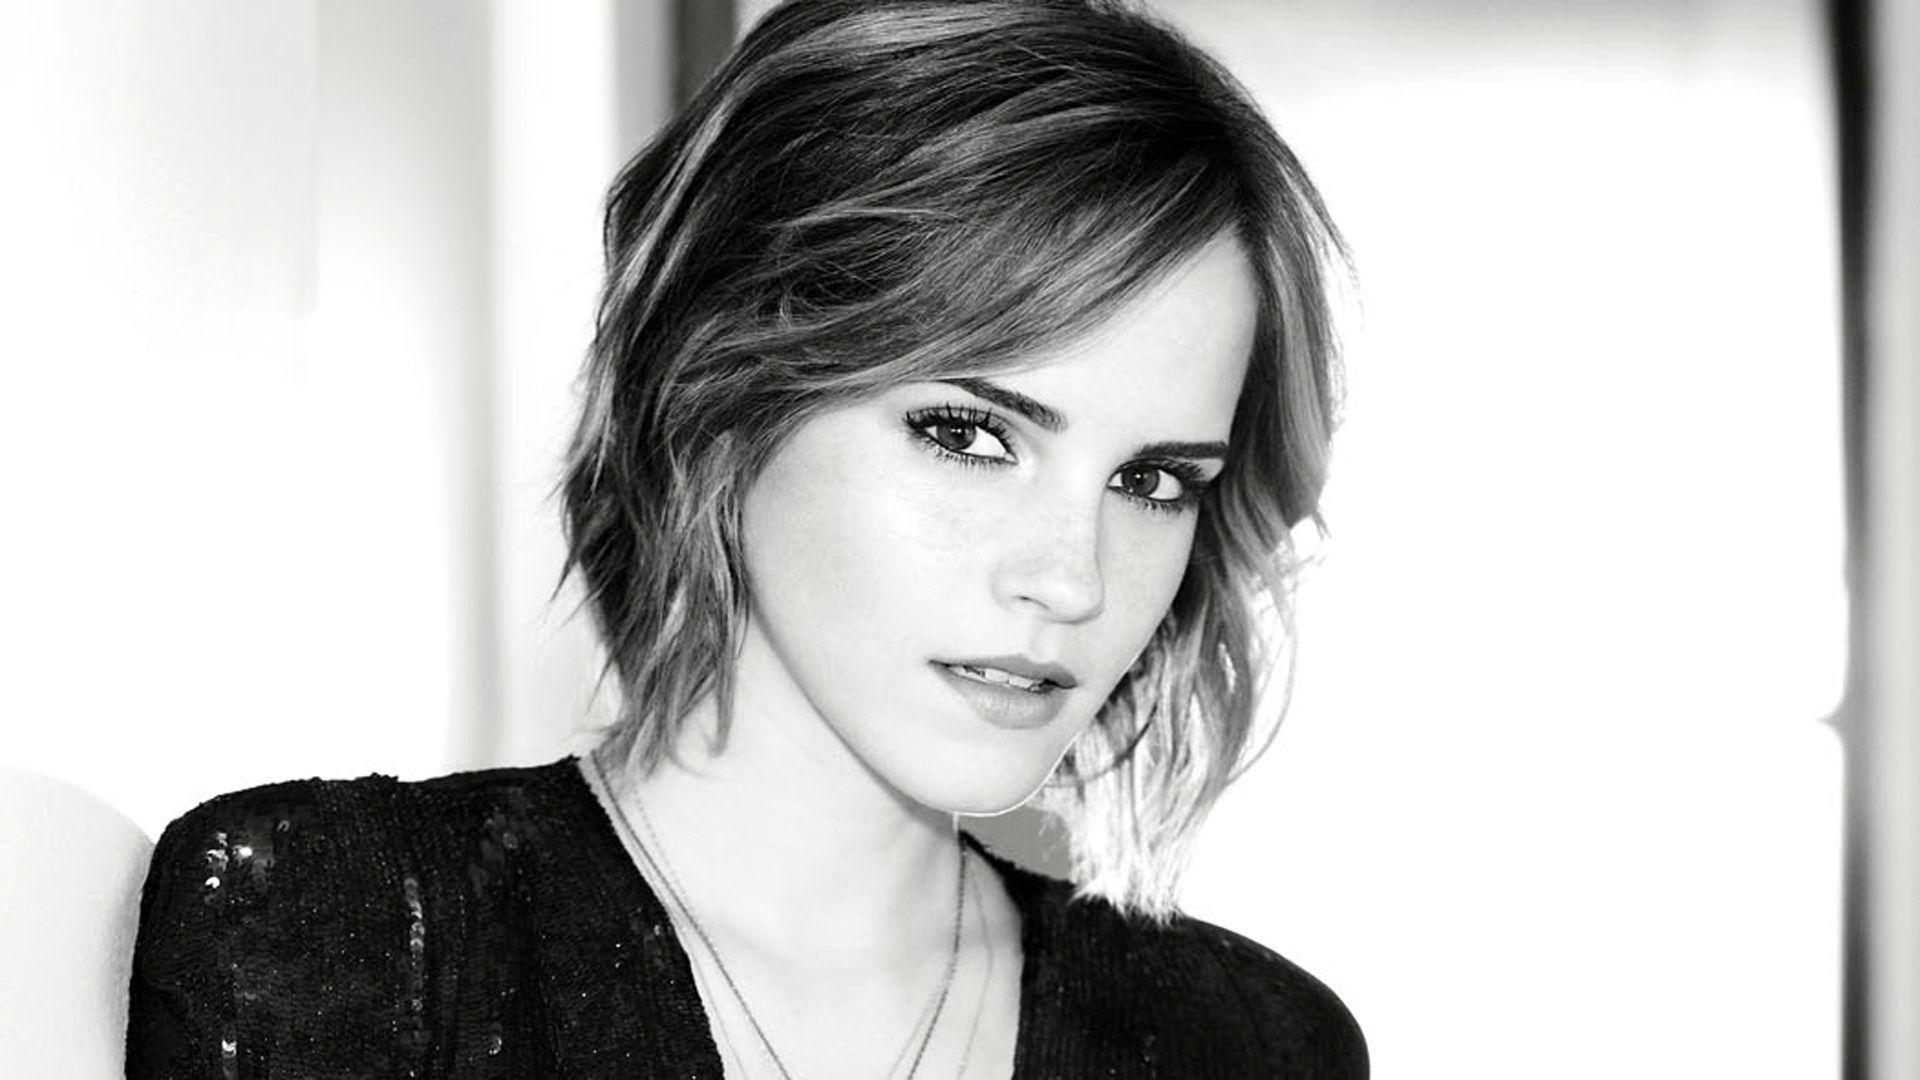 Hd wallpaper emma watson - Emma Watson Wallpapers Celebrities Hd Wallpapers Page